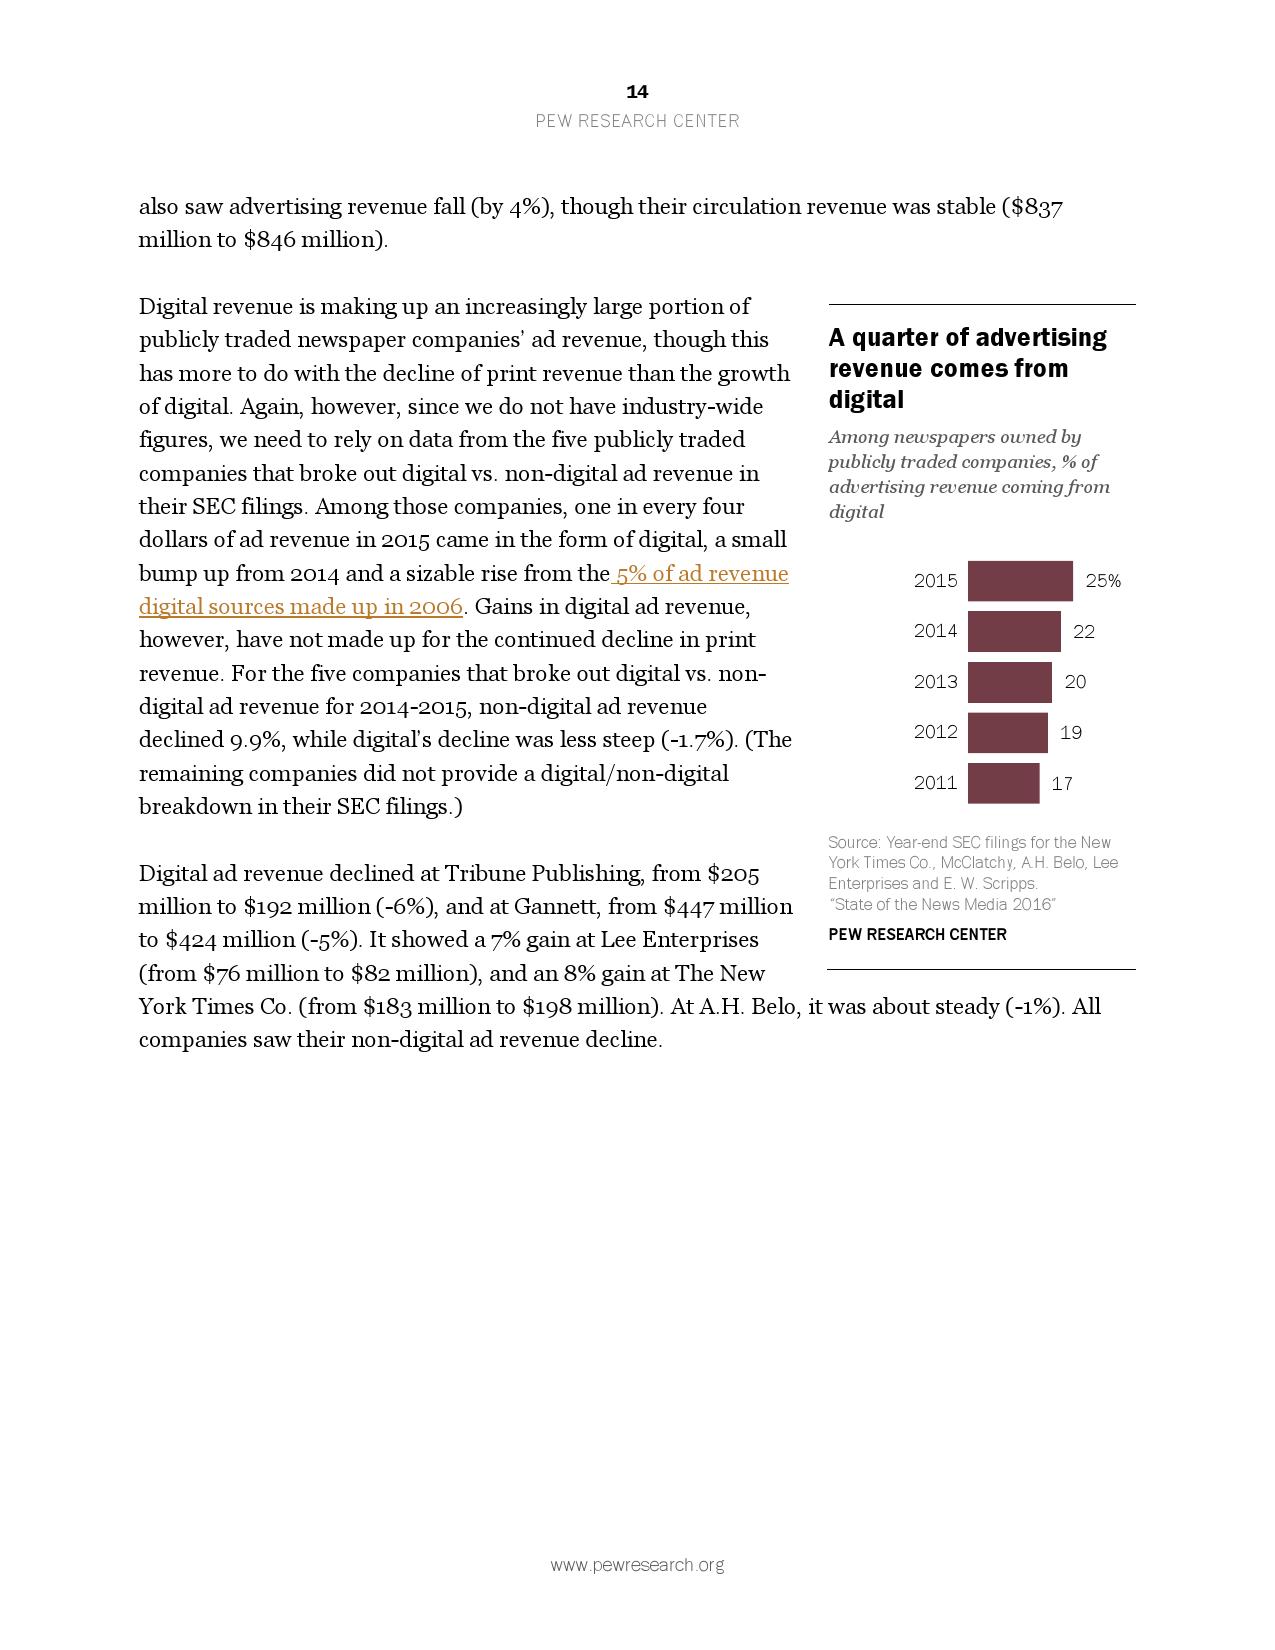 2016美国新媒体研究报告_000014